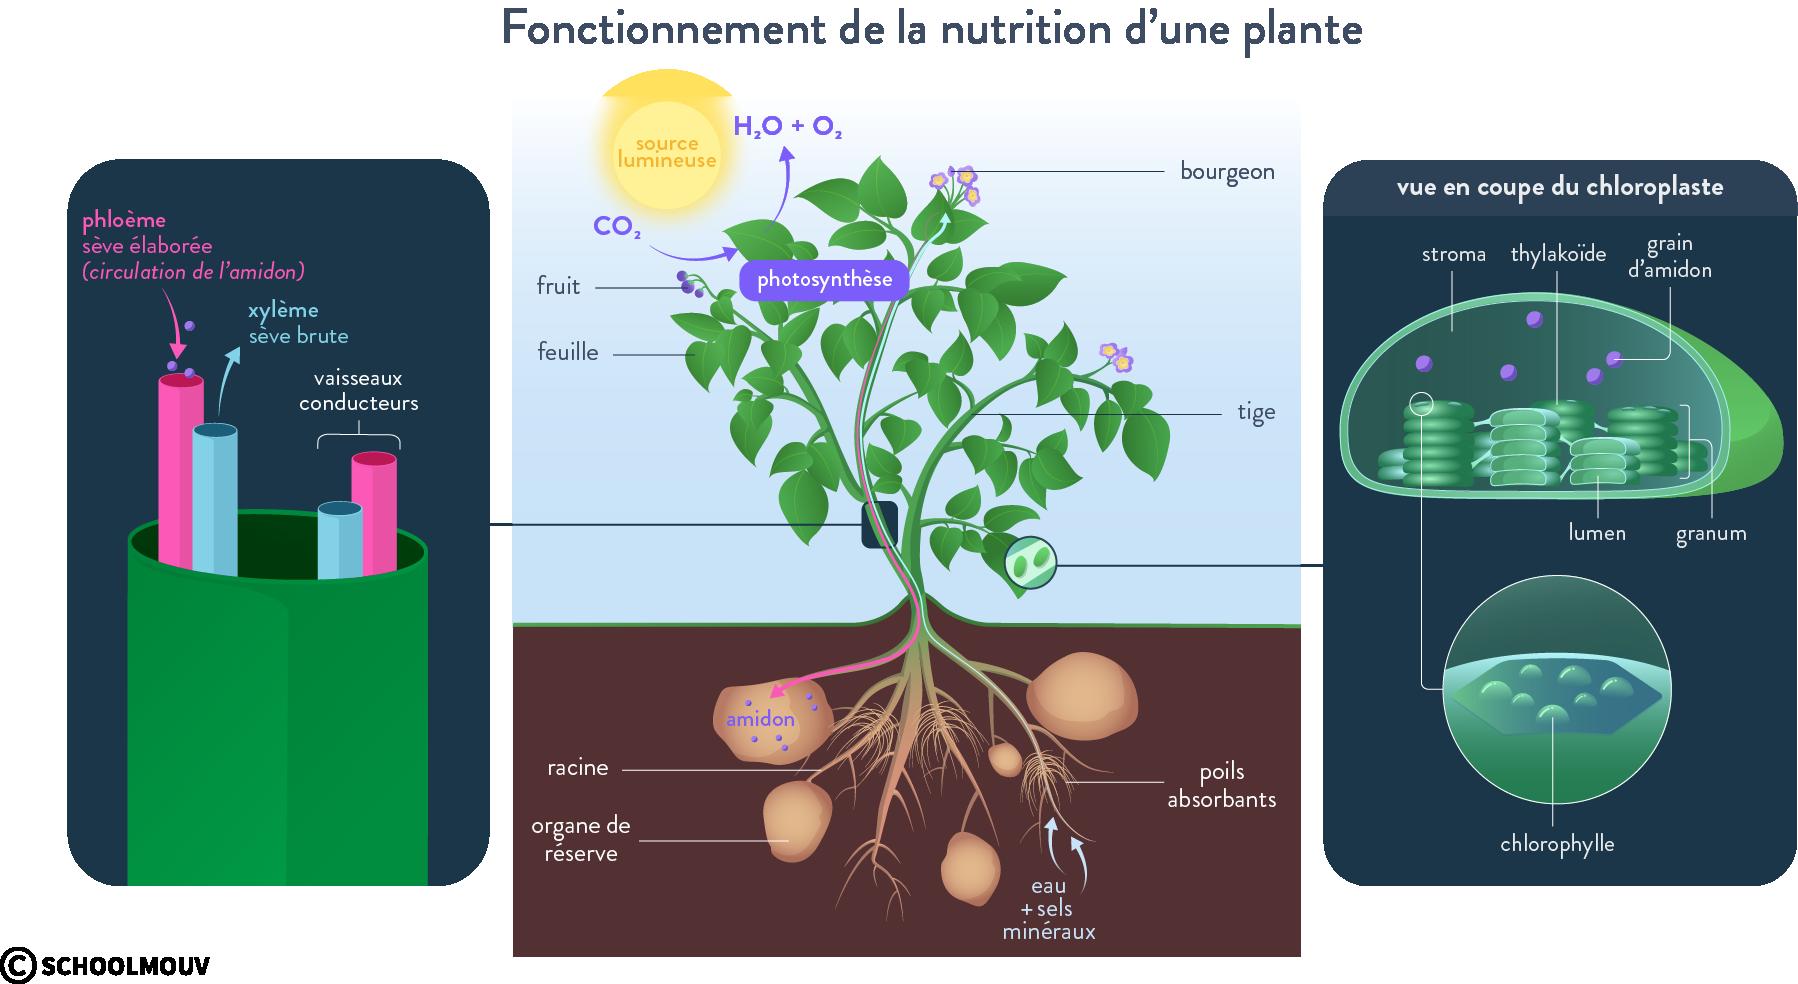 Fonctionnement de la nutrition d'une plante